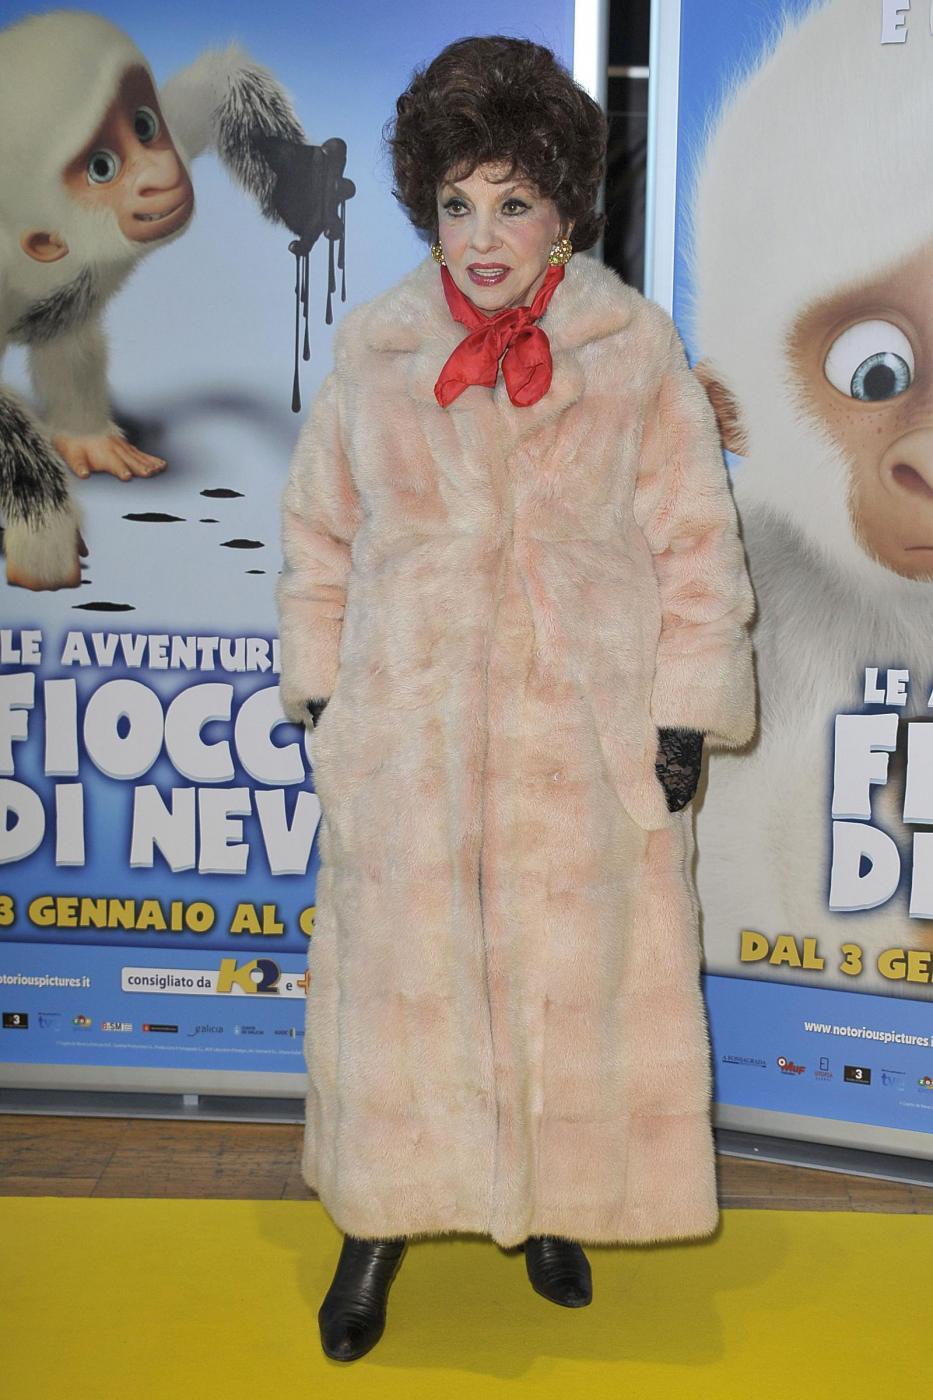 Gina lollobrigida si sposata a sua insaputa foto 18 di - Cinema porta di roma prenotazione ...